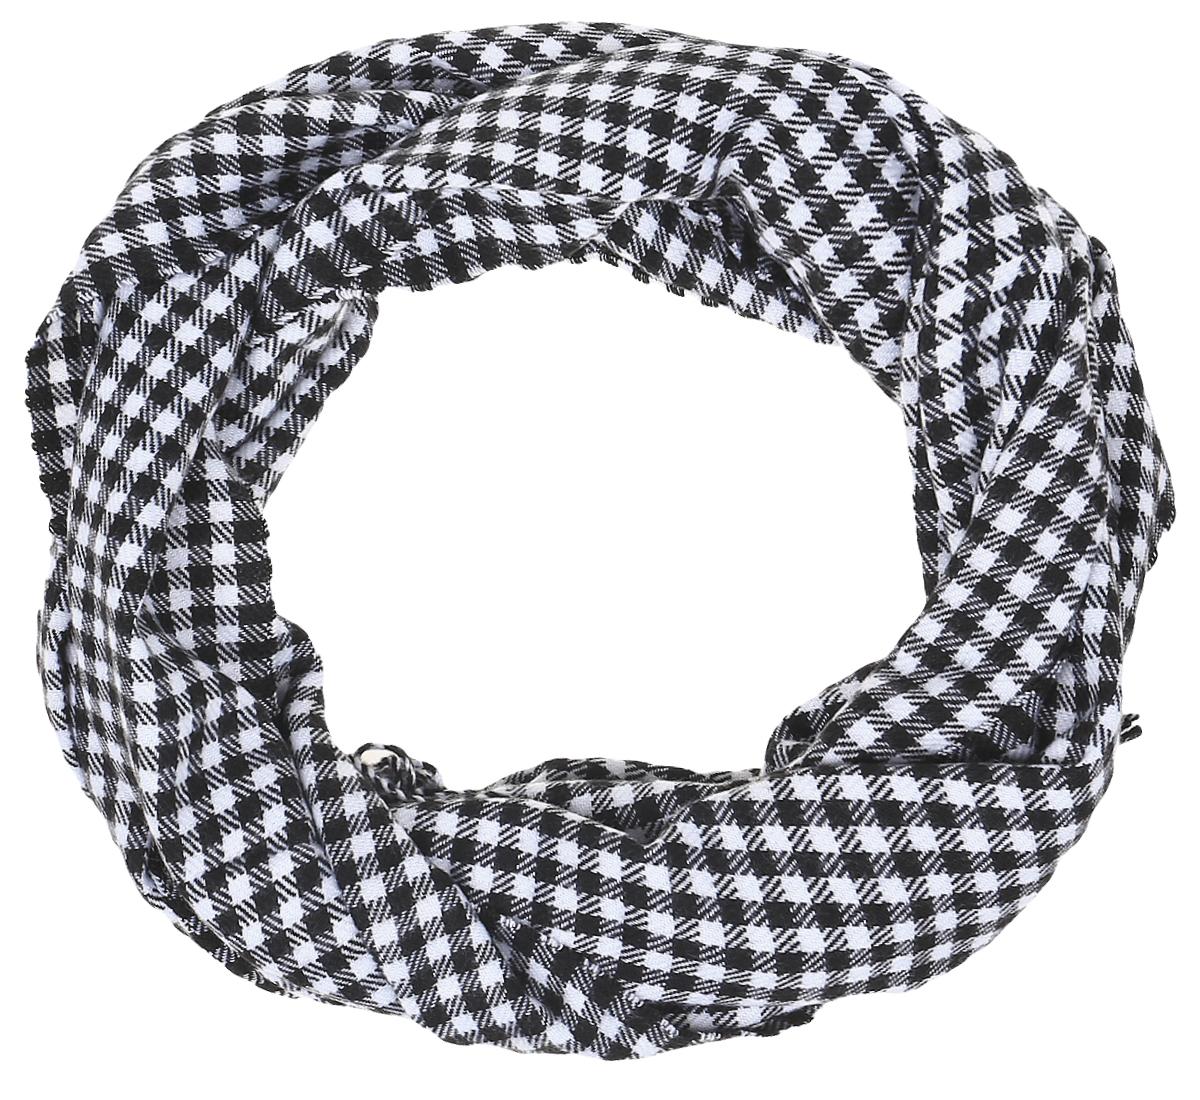 RodD431/26Женский шарф Vita Pelle выполнен из высококачественной пряжи из вискозы с добавлением шерсти и кашемира. Широкий шарф украшен бахромой в виде жгутиков по краю и оформлен узором в классическую клетку.